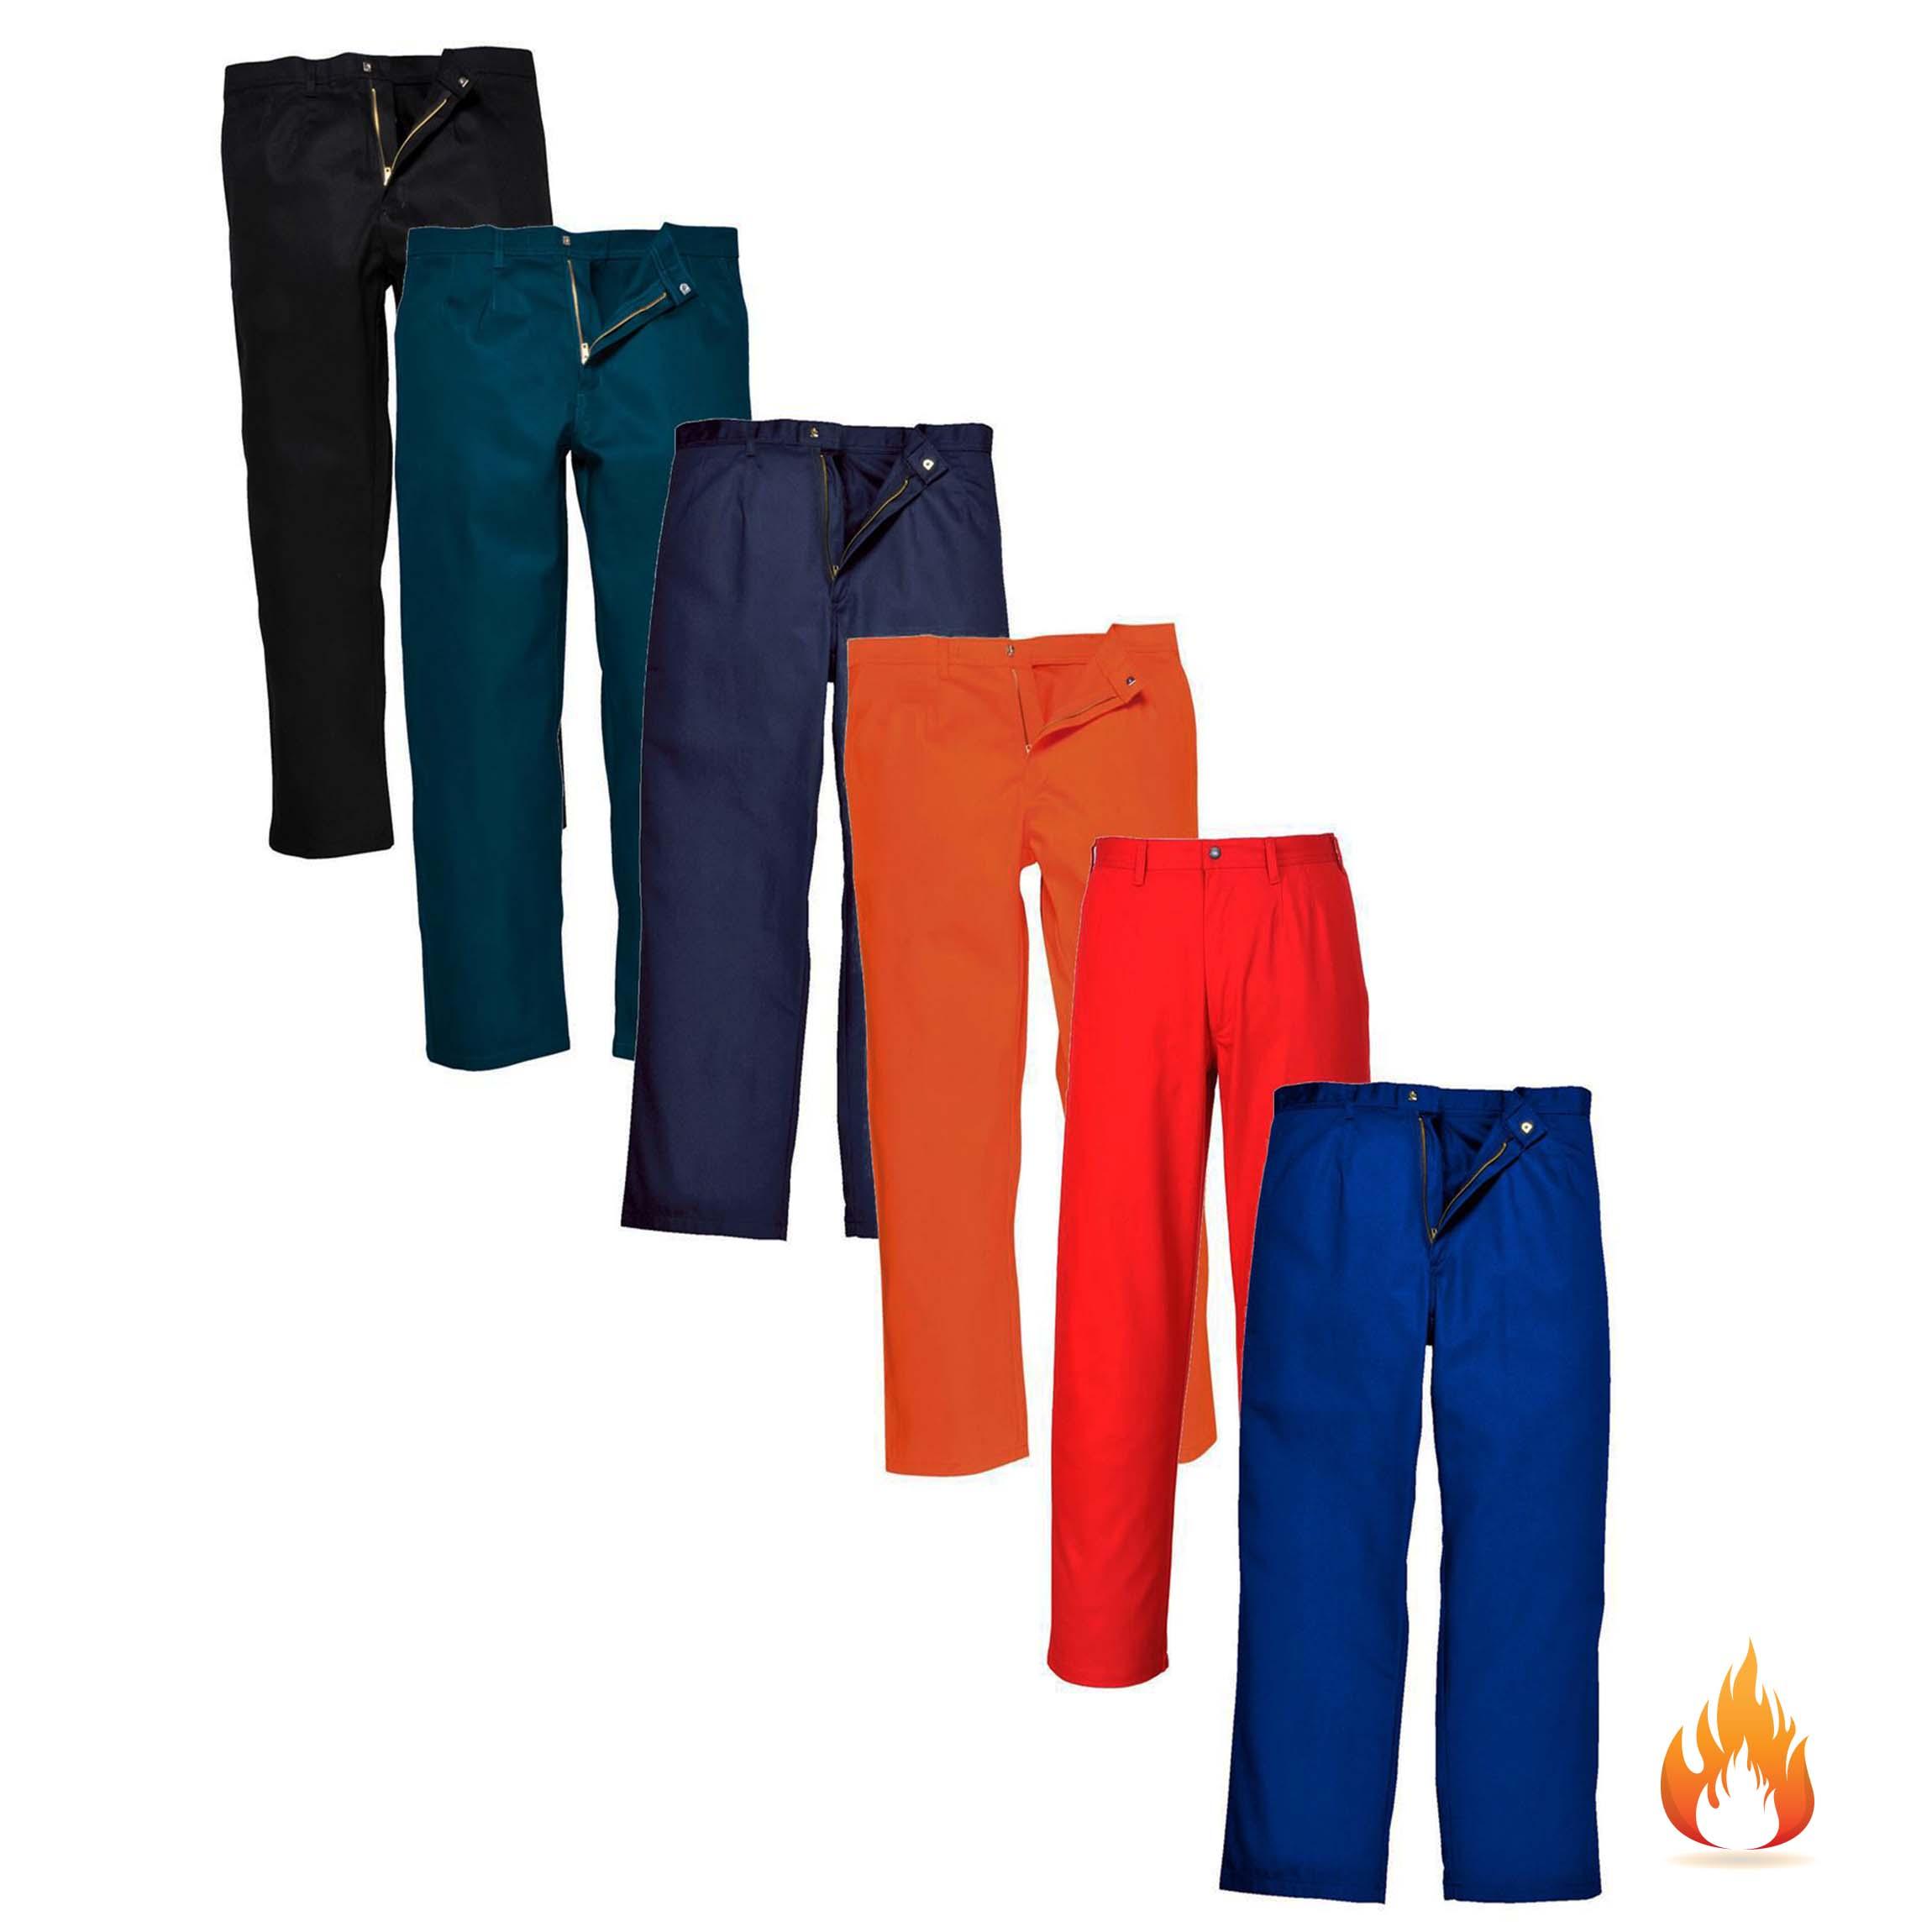 Vatrootporne hlače BZ30